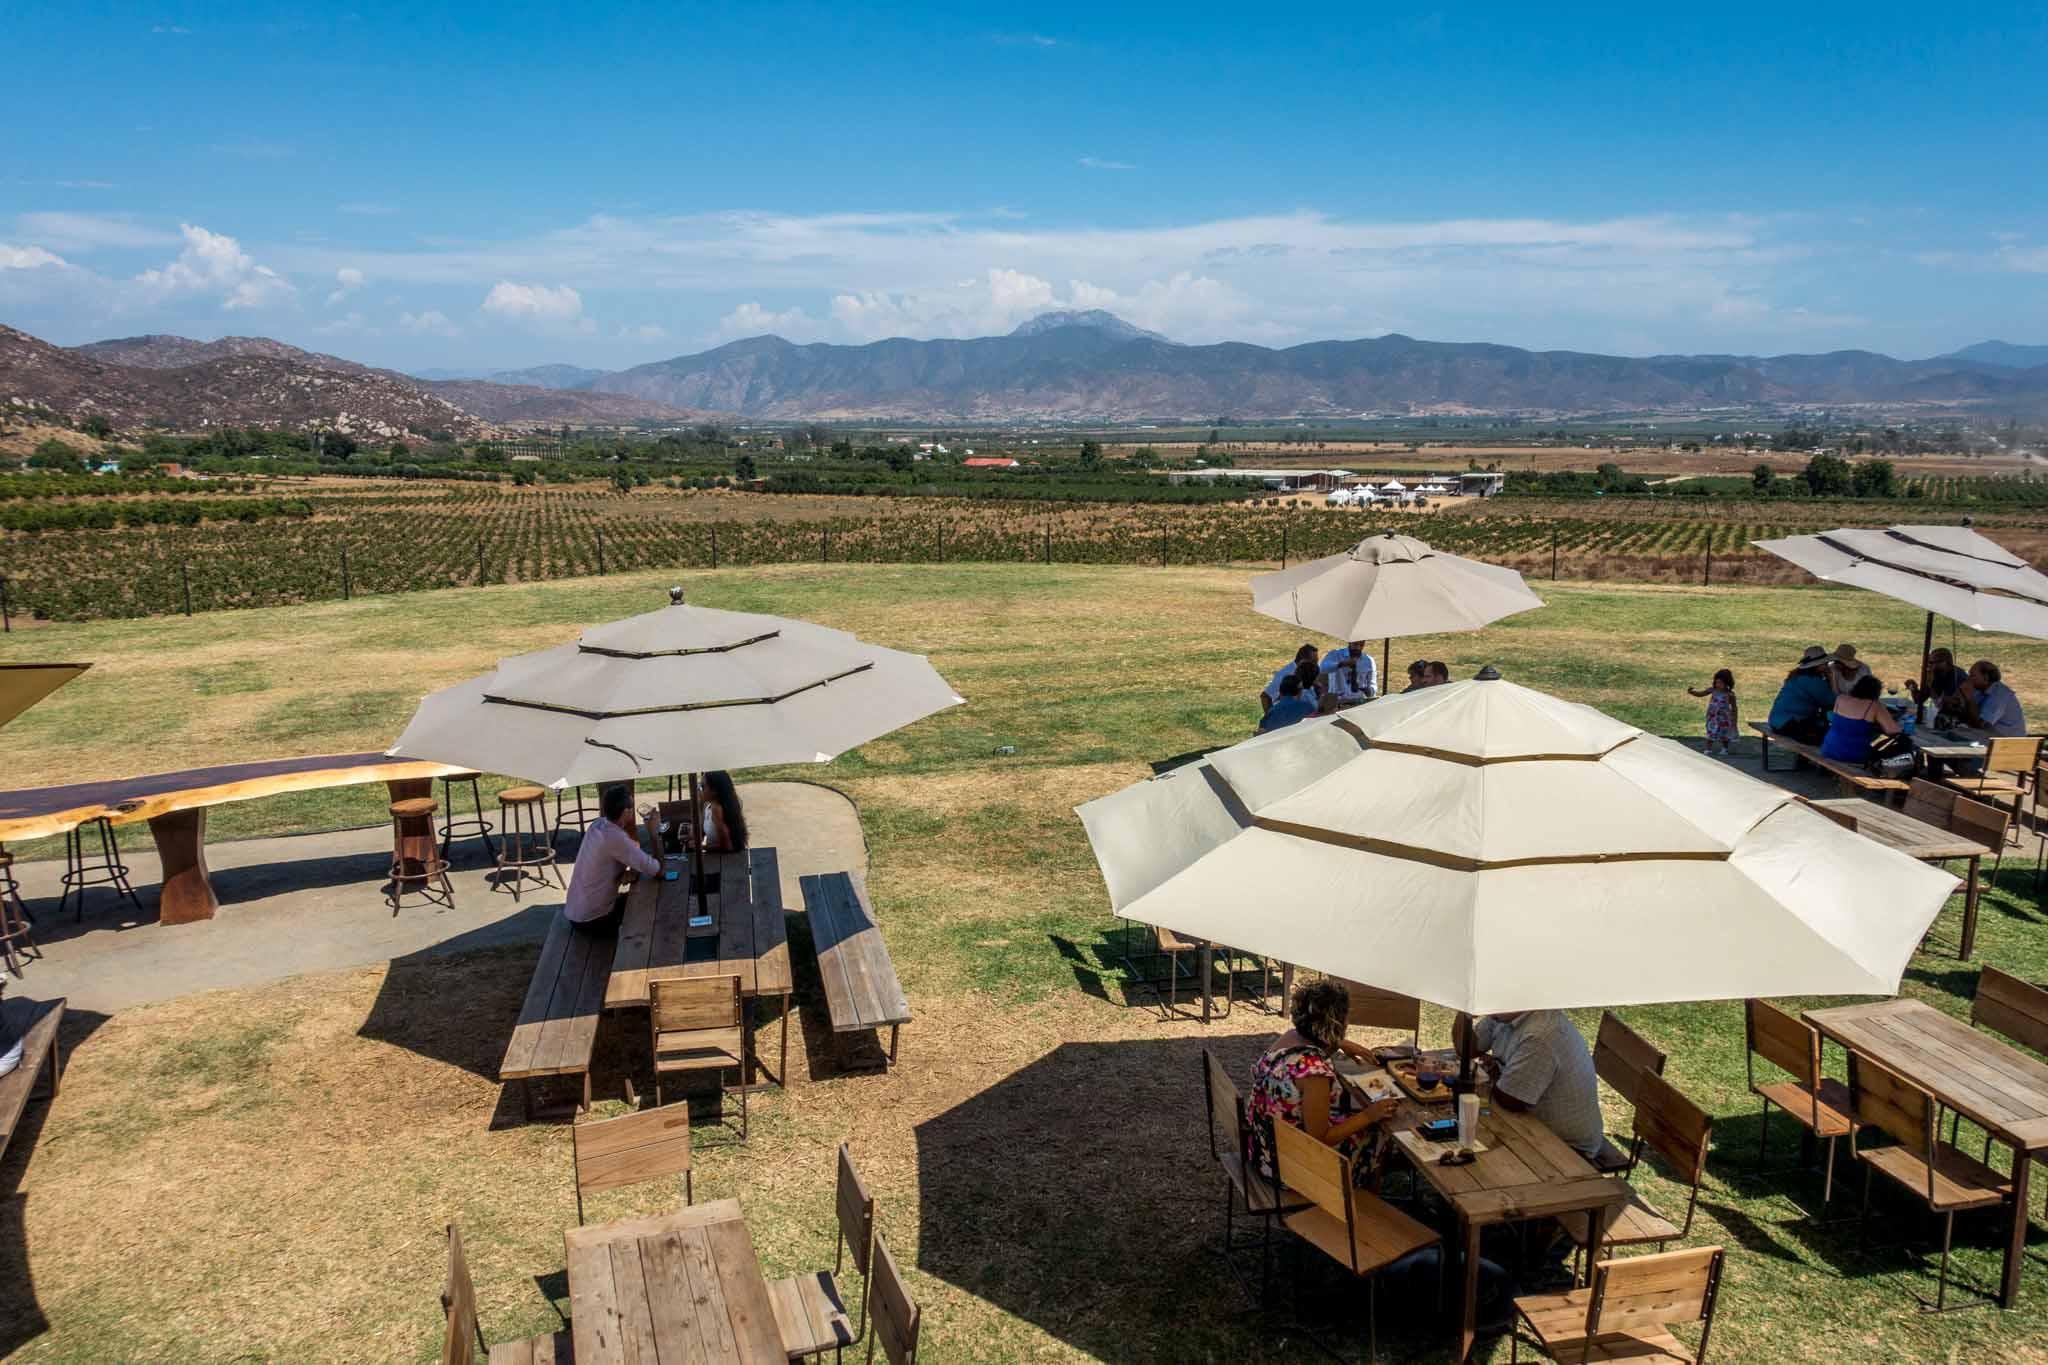 Tables under umbrellas in the Decantos Winery